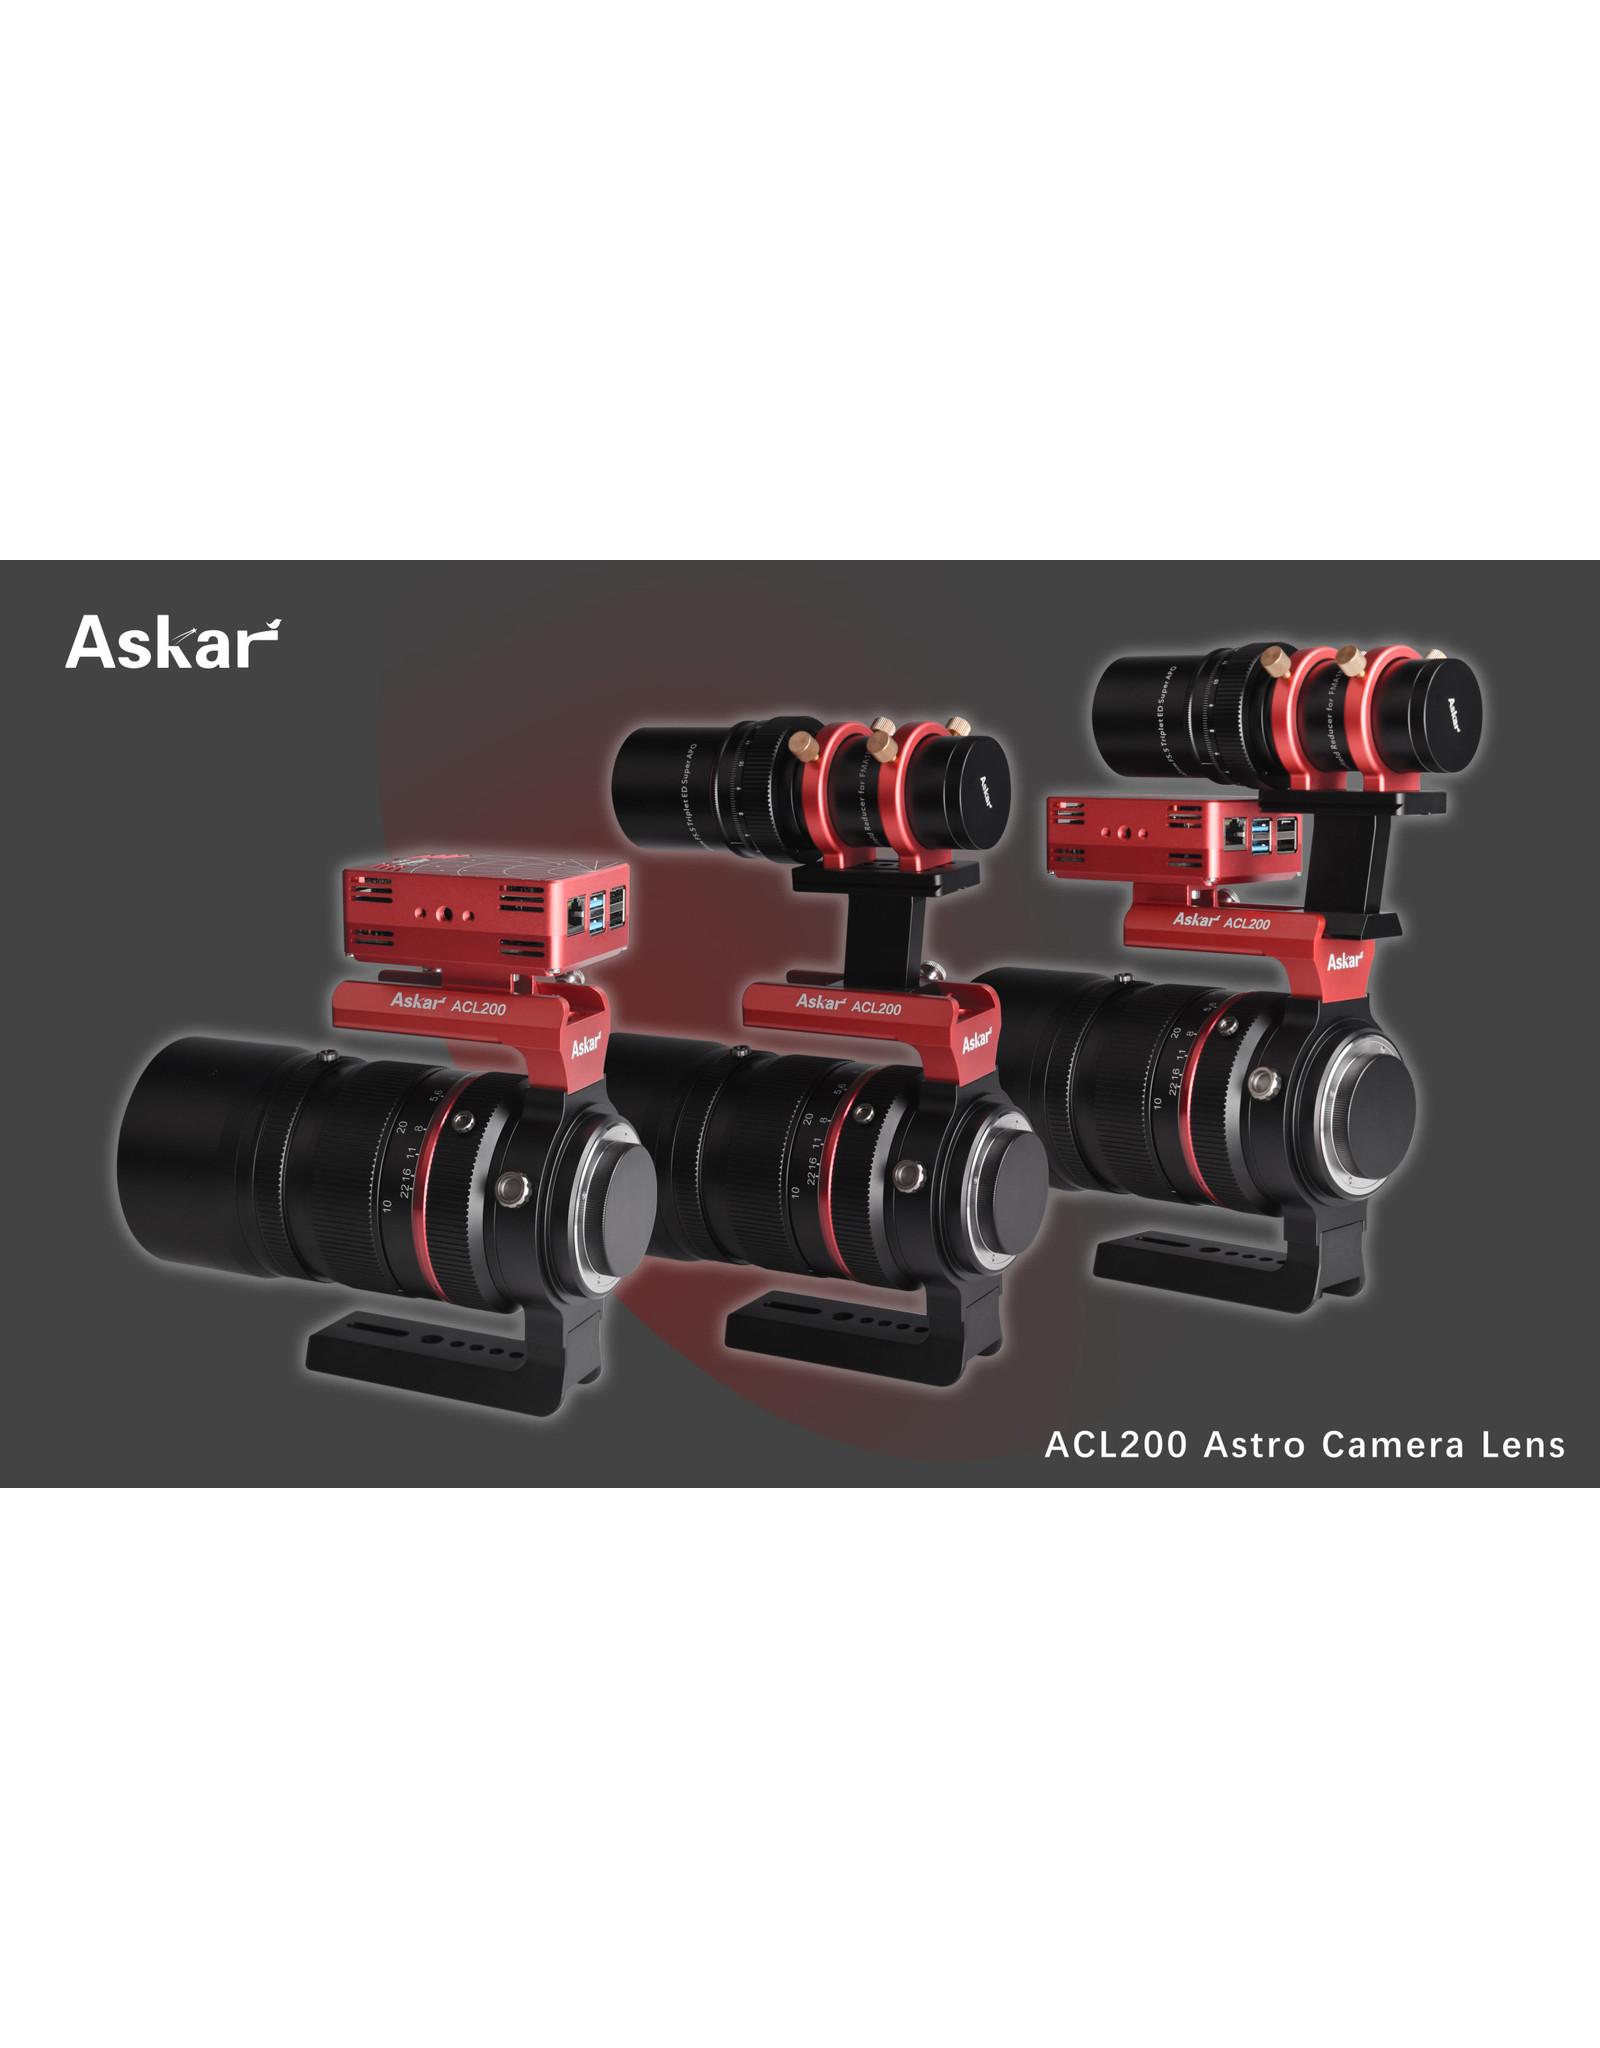 Askar Askar 200mm f4 Astro Lens Camera Lens - ACL200